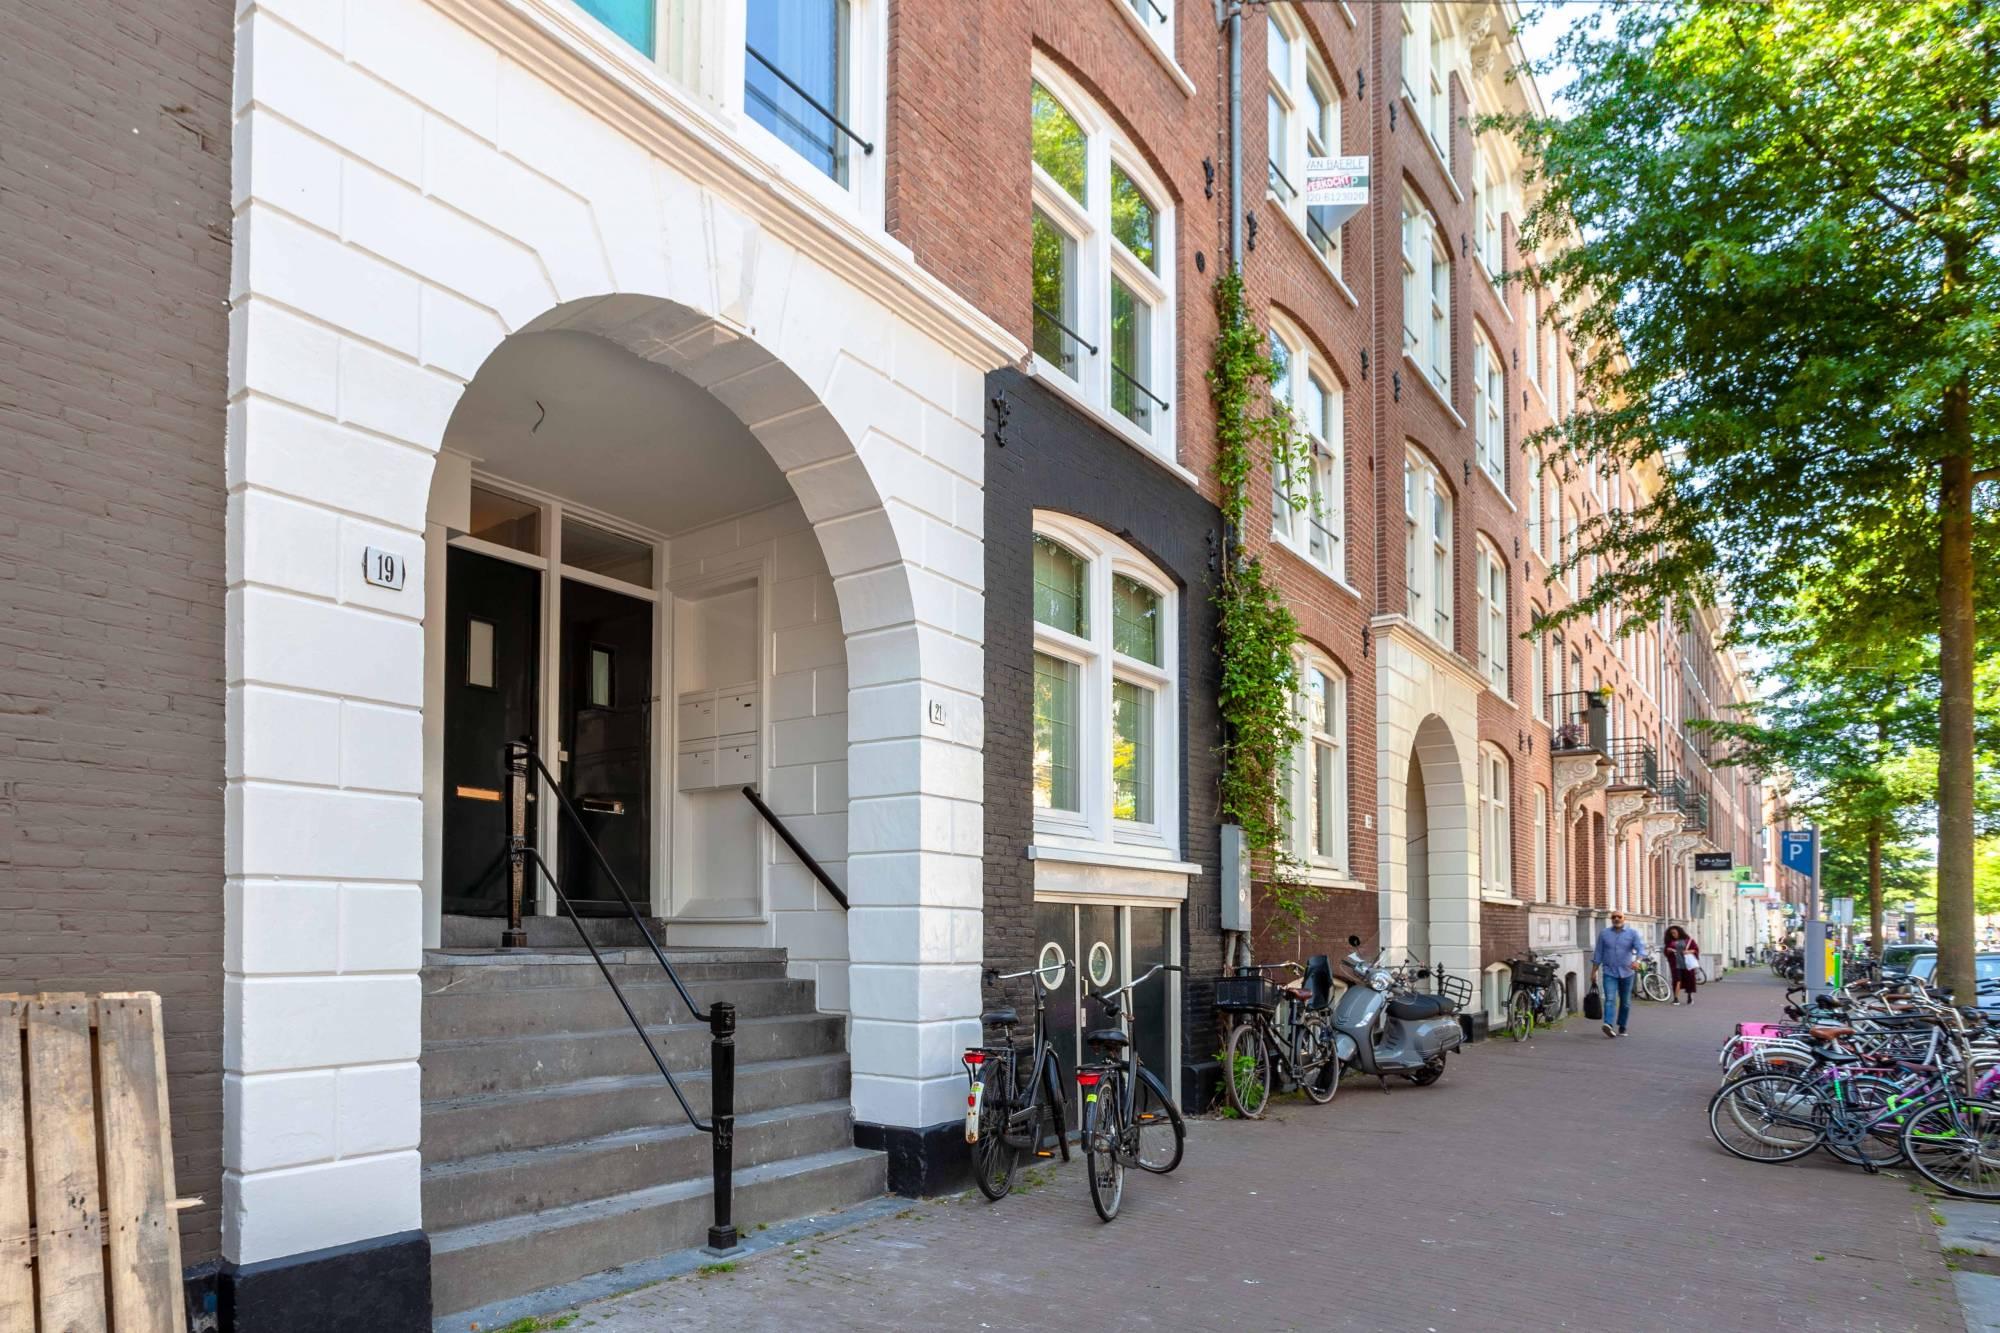 Spaarndammerstraat / Amsterdam